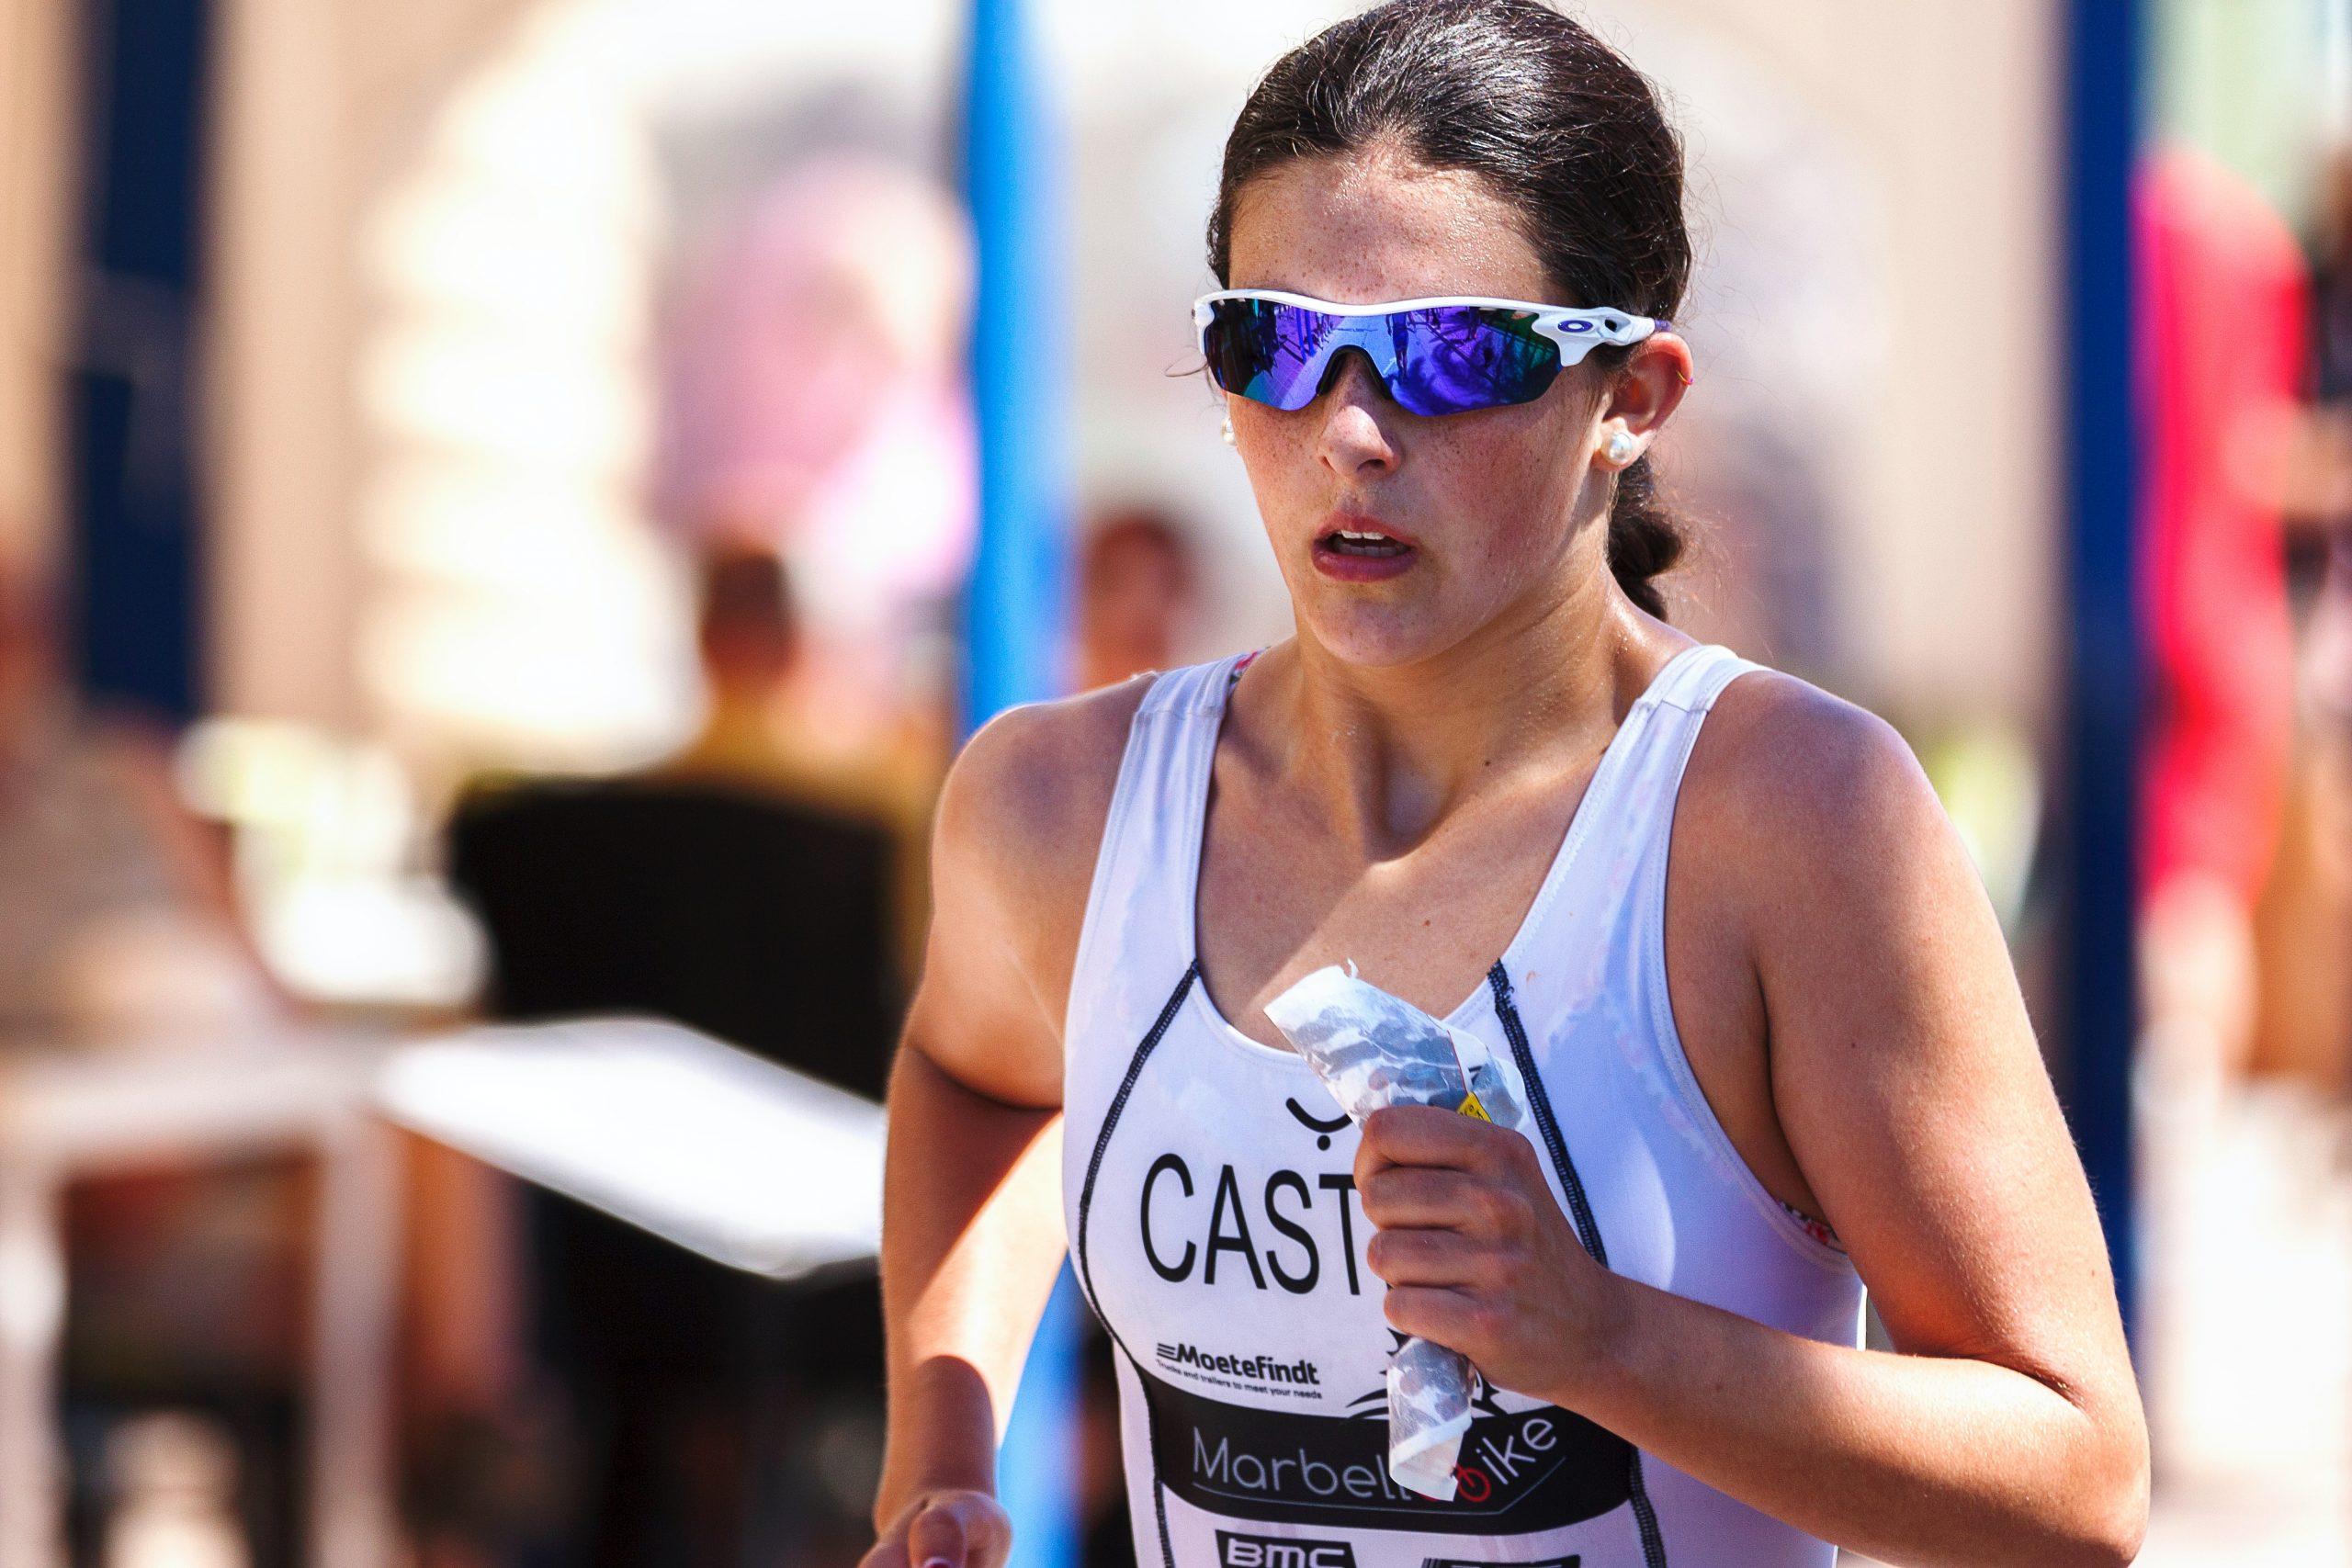 Imagem de uma mulher correndo uma maratona.